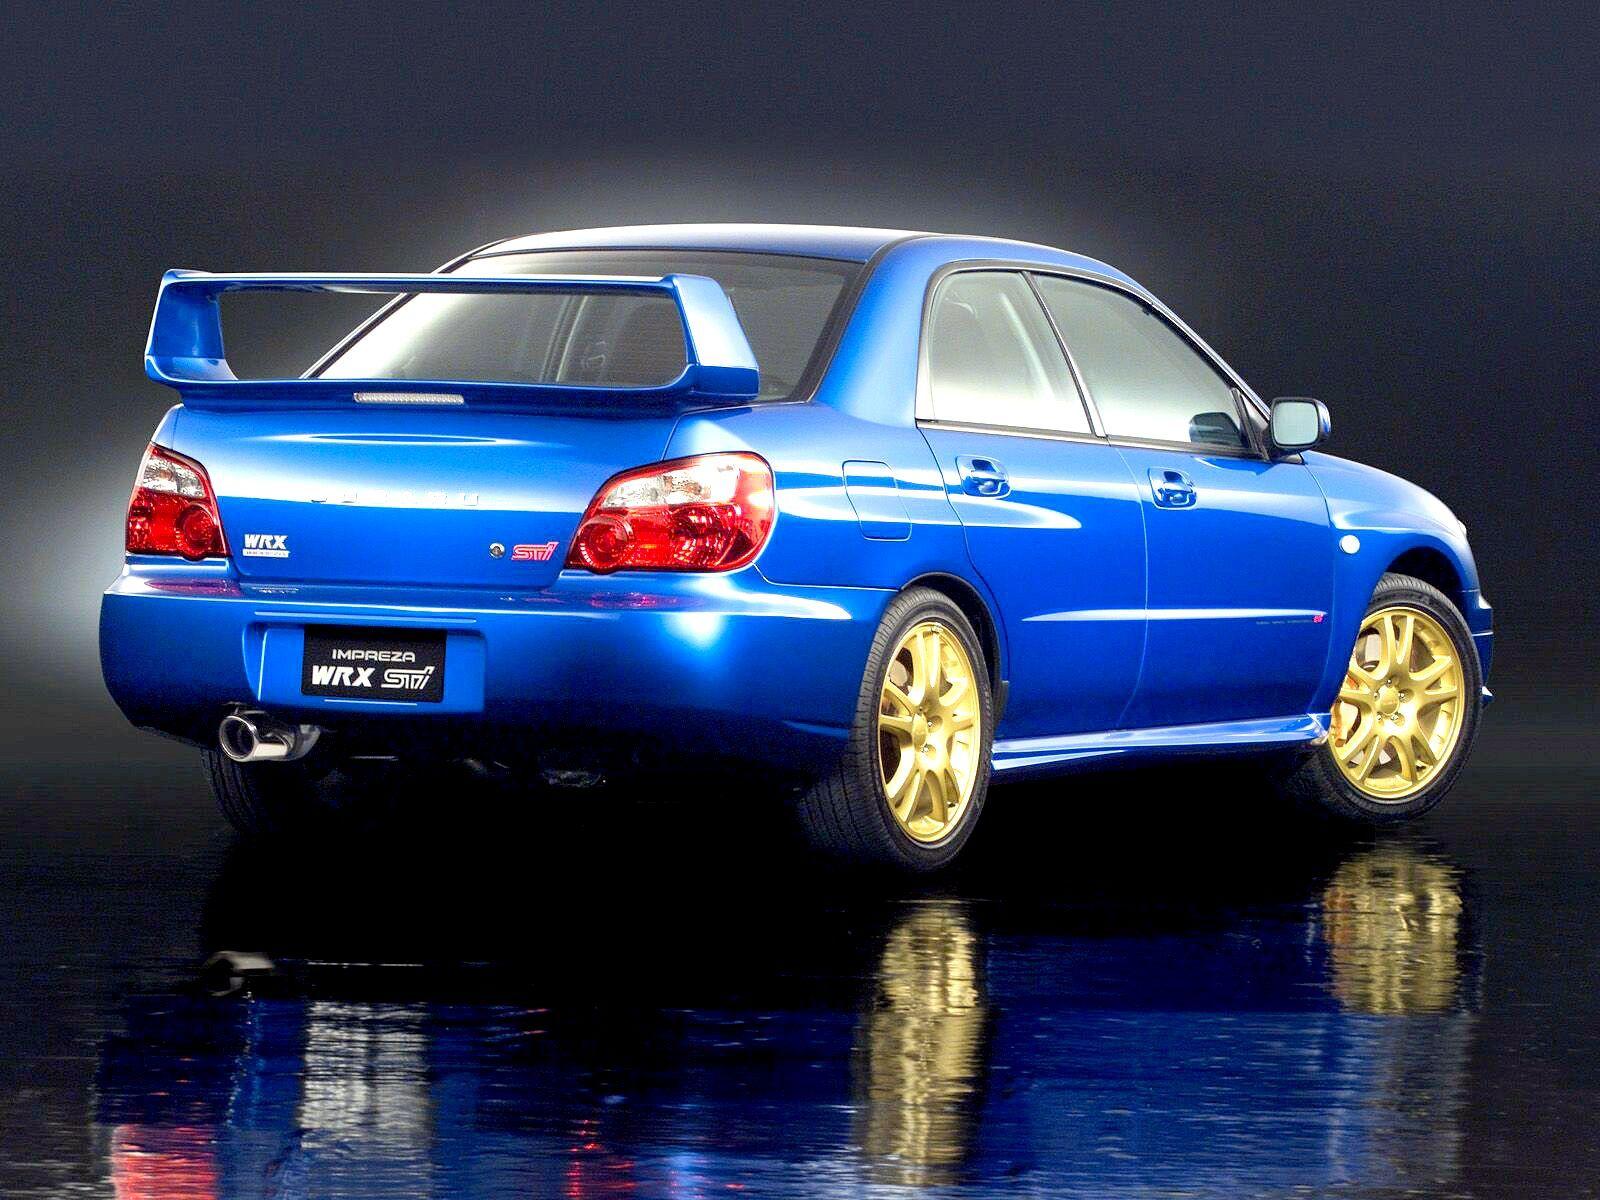 Subaru impreza wrx sti 2004 subaru impreza sedan wrx subaru subaru impreza wrx sti 2004 vanachro Choice Image